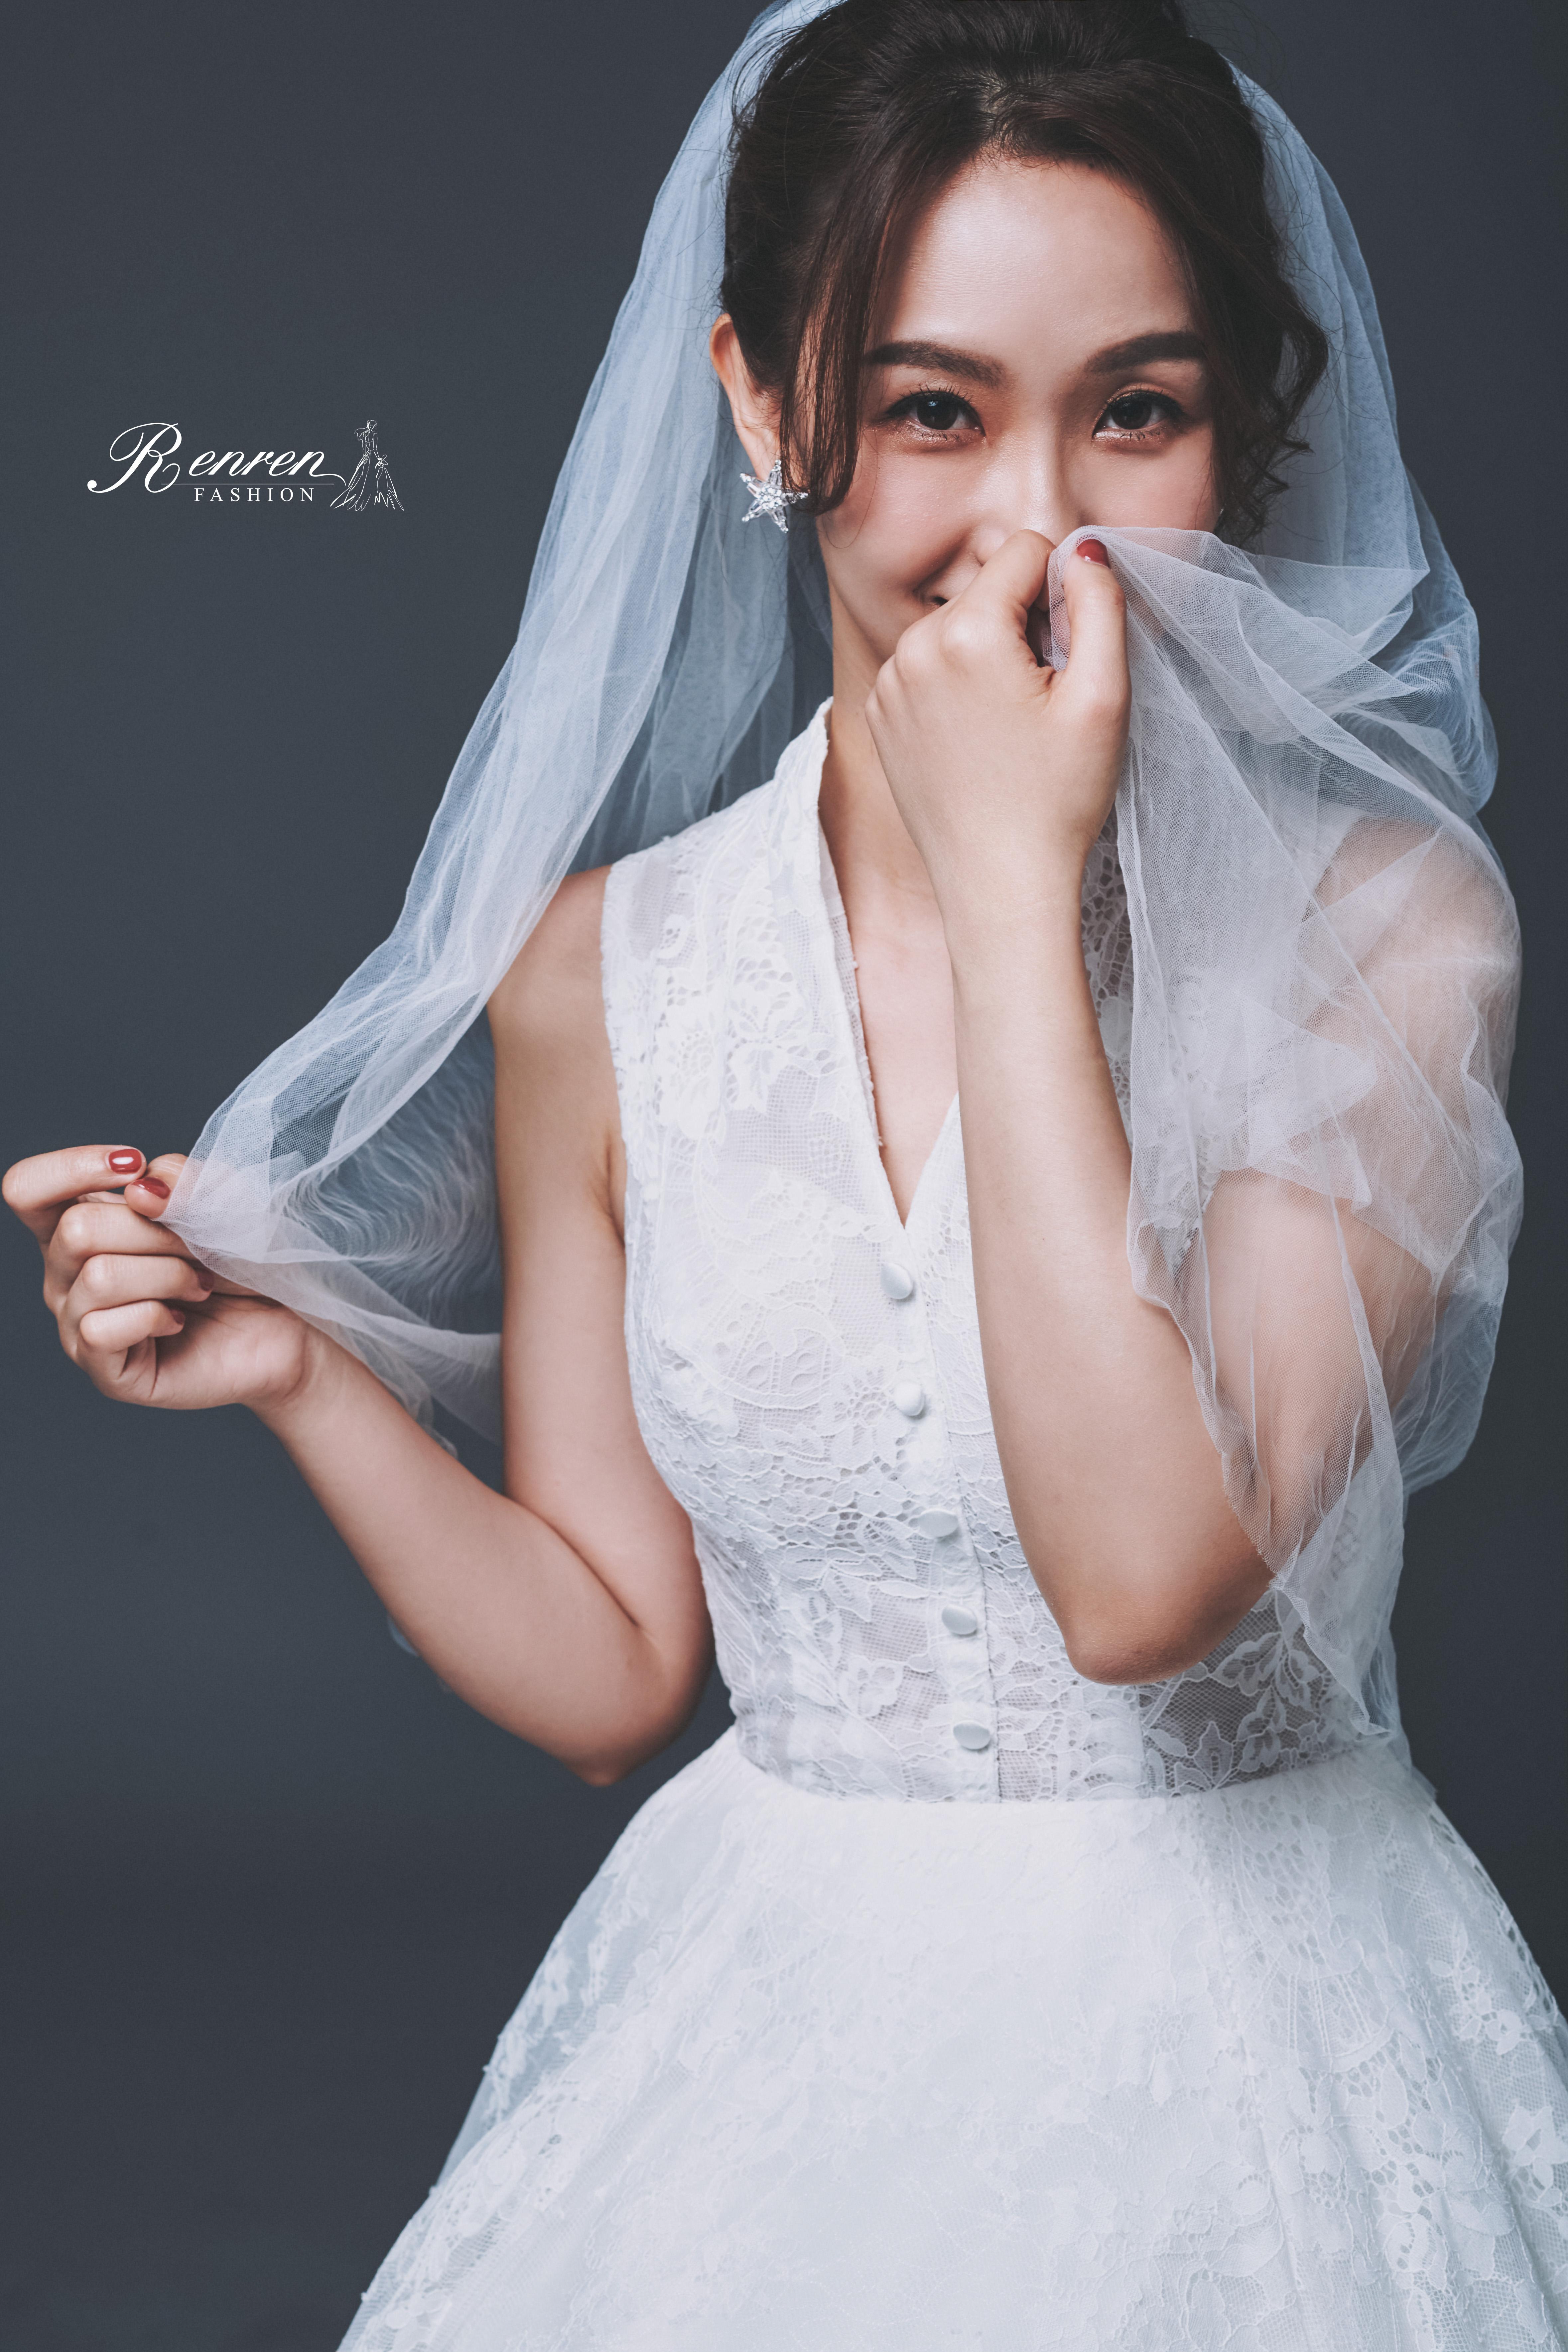 台中婚紗-素背景-冉冉婚紗